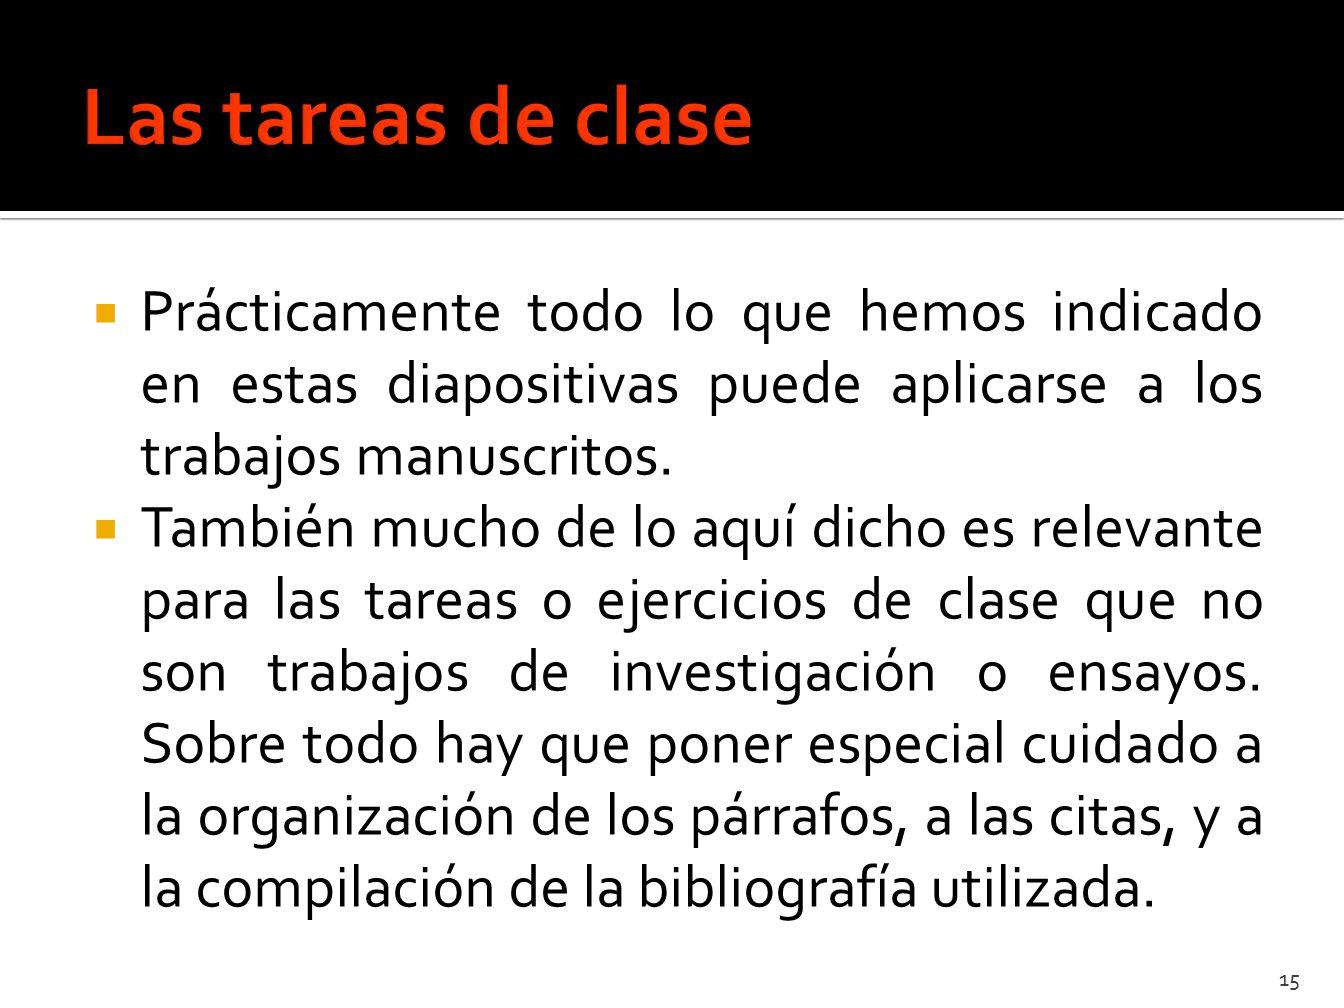 Las tareas de clase Prácticamente todo lo que hemos indicado en estas diapositivas puede aplicarse a los trabajos manuscritos.